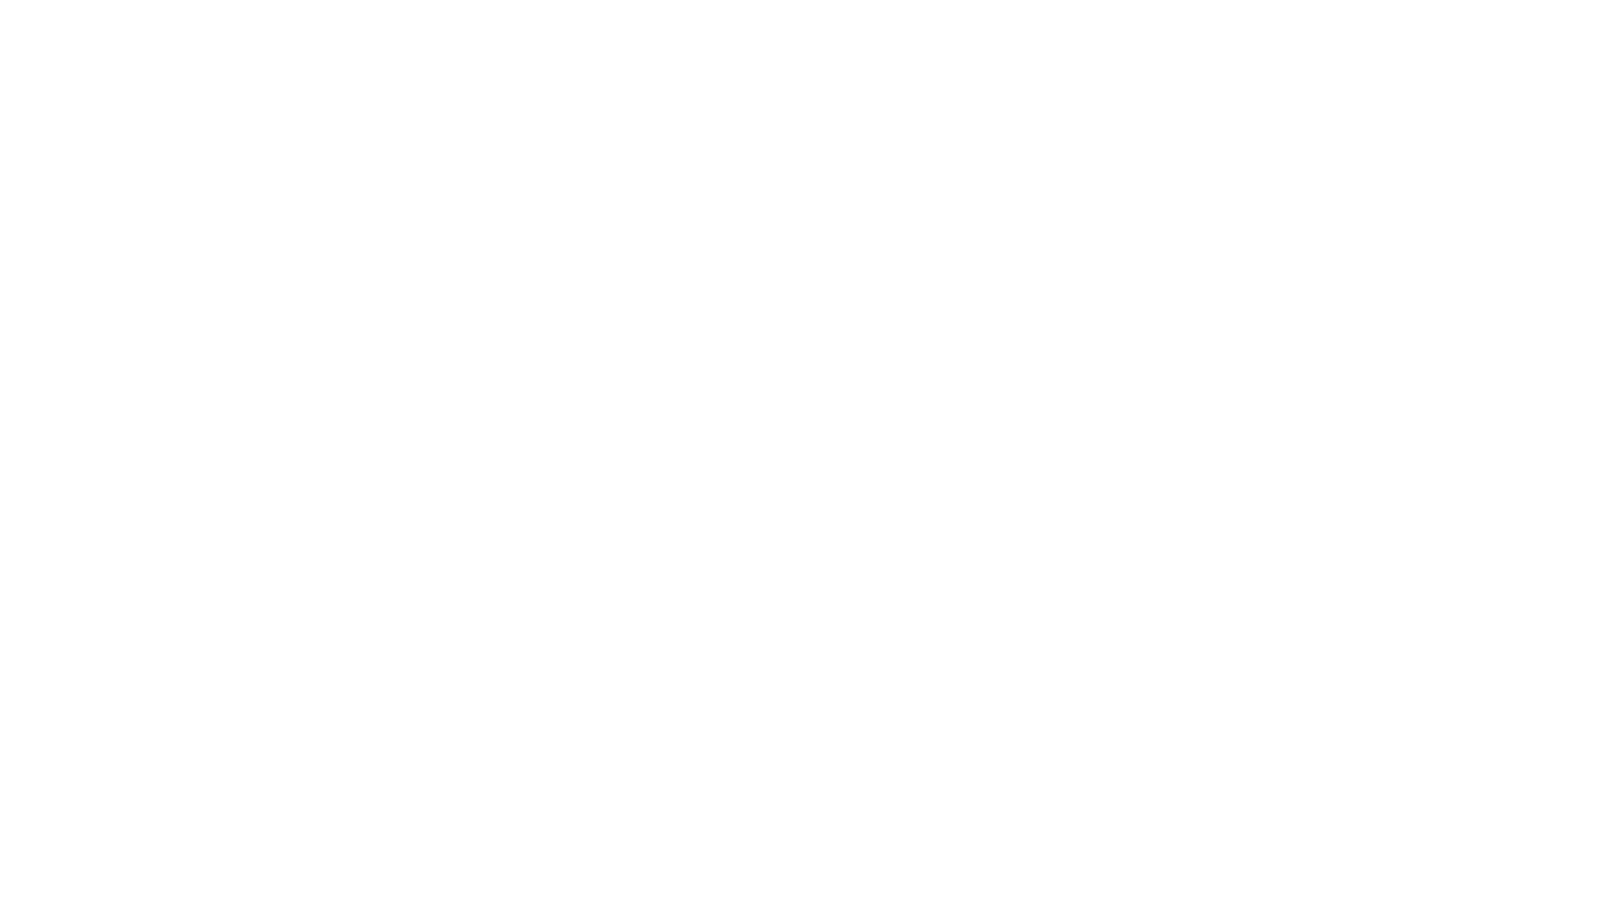 Die Brüder sind wieder back im Home-Studio: Friedrich gibt ein kleines Wohnungsupdate und Johann hatte eine stille Party im Wald, außerdem sprechen beide über Lieferdienste und ein neues Skater-Video.  BroShorts:  - ZDF-Serie: https://www.zdf.de/serien/huss-verbrechen-am-fjord - Warum Chinesisch so schwer ist (YT-Video): https://www.youtube.com/watch?v=8yEAOhKnLOM -Entscheidung in der Tiefe (Speilfilm): https://www.zdf.de/filme/spielfilm-highlights/entscheidung-in-der-tiefe-100.html  Skater-Video: - https://www.youtube.com/watch?v=OB5xv6L-ywA&t=88s  Hier geht's zur Bonus-Folge (ab 1€): - https://brotherhood-podcast.de/patreon     Episode vom 09.07.2021  --------------------------------------------------------------  ☛ Webseite: https://www.brotherhood-podcast.de  ☑ Social Media ► Instagram: https://www.instagram.com/brotherhood_podcast ► Twitter: https://twitter.com/Brotherhood_DE  --------------------------------------------------------------  ♬ Brotherhood Podcast hören auf ► Spotify: https://open.spotify.com/show/3ZfJq4W11keLg8SQaHfAuX?si=BhUR8kgOS0yo0qxBTCgp_g ► Apple Podcasts: https://podcasts.apple.com/de/podcast/brotherhood/id1451329423?mt=2 ► Podigee: https://brotherhood.podigee.io/ ► Deezer: https://www.deezer.com/de/show/528152 ► Google Podcasts: https://podcasts.google.com/?feed=aHR0cHM6Ly9icm90aGVyaG9vZC5wb2RpZ2VlLmlvL2ZlZWQvbXAz  Und auch überall sonst wo es Podcasts gibt!  --------------------------------------------------------------  Brotherhood: Ein Podcast zweier Brüder. Johann (28) und Friedrich (20), beide aus einer 7-köpfigen Familie, setzen sich gemeinsam vors Mikrofon und unterhalten sich über ihre Erlebnisse. Warum? Ganz einfach: Beide sehen sich immer seltener und kommen dadurch auch kaum noch ins Gespräch miteinander. Durch den Podcast treffen sich die Beiden einmal wöchentlich und sprechen über die verschiedensten Themen, somit beinhaltet der Podcast unterschiedliche Erlebnisse zweier unterschiedlich alten Brüder.  Der Podcast wird immer f